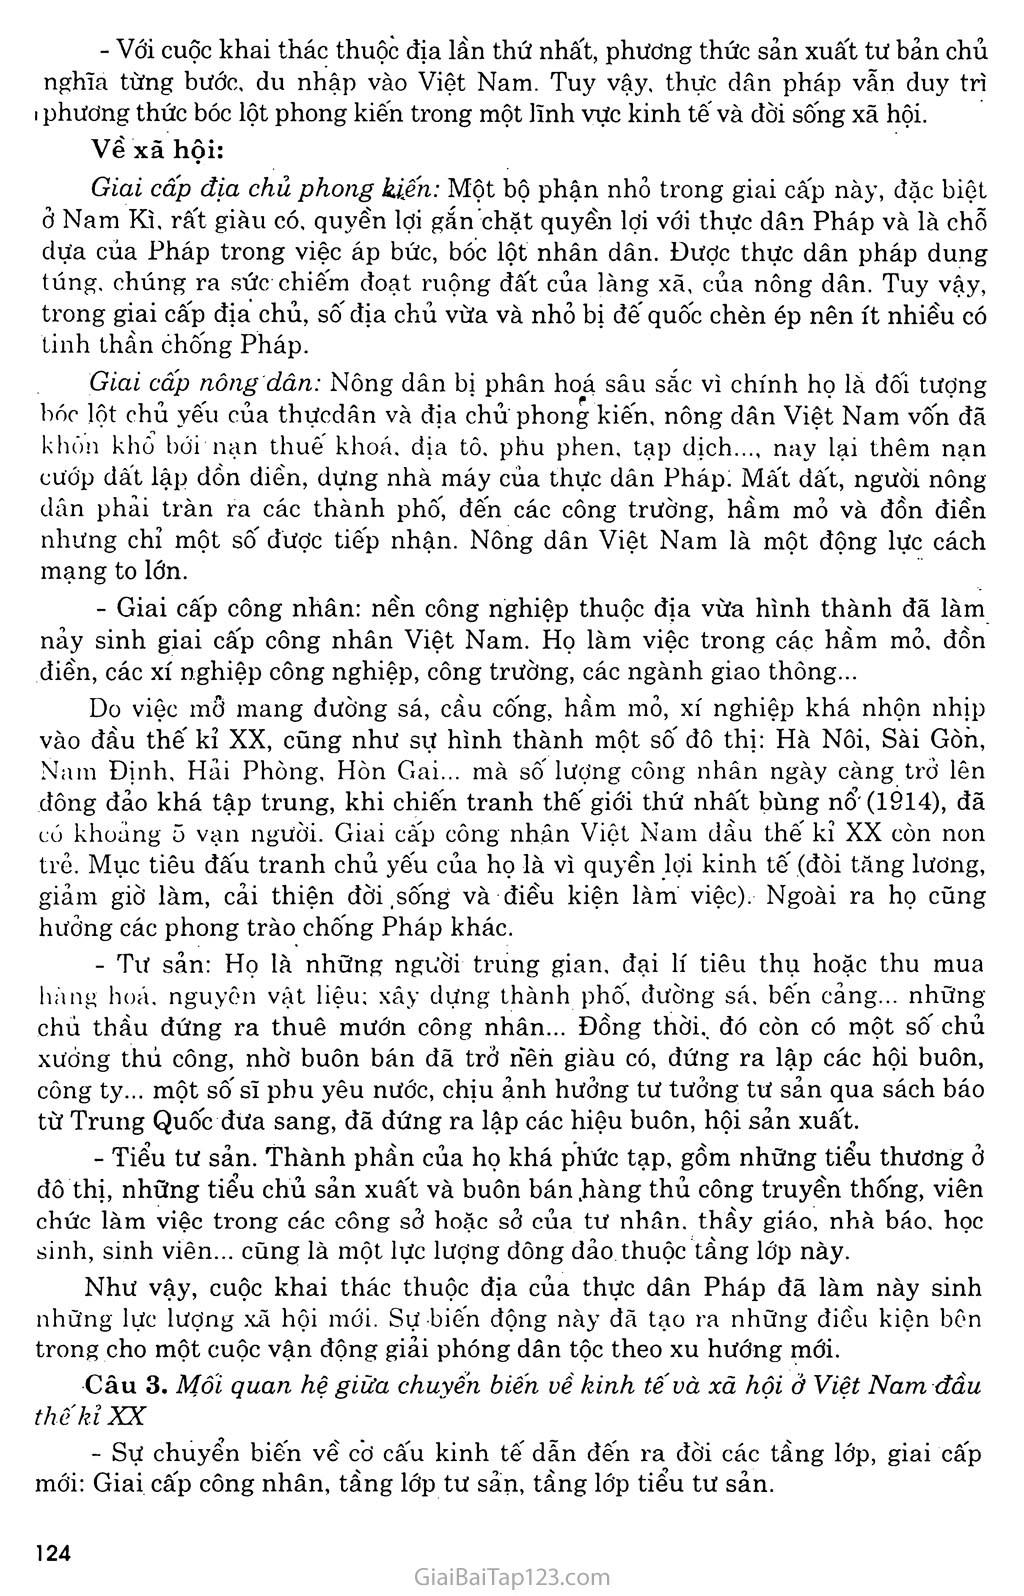 Bài 22: Xã hội Việt Nam trong cuộc khai thác lần thứ nhất của thực dân Pháp trang 5